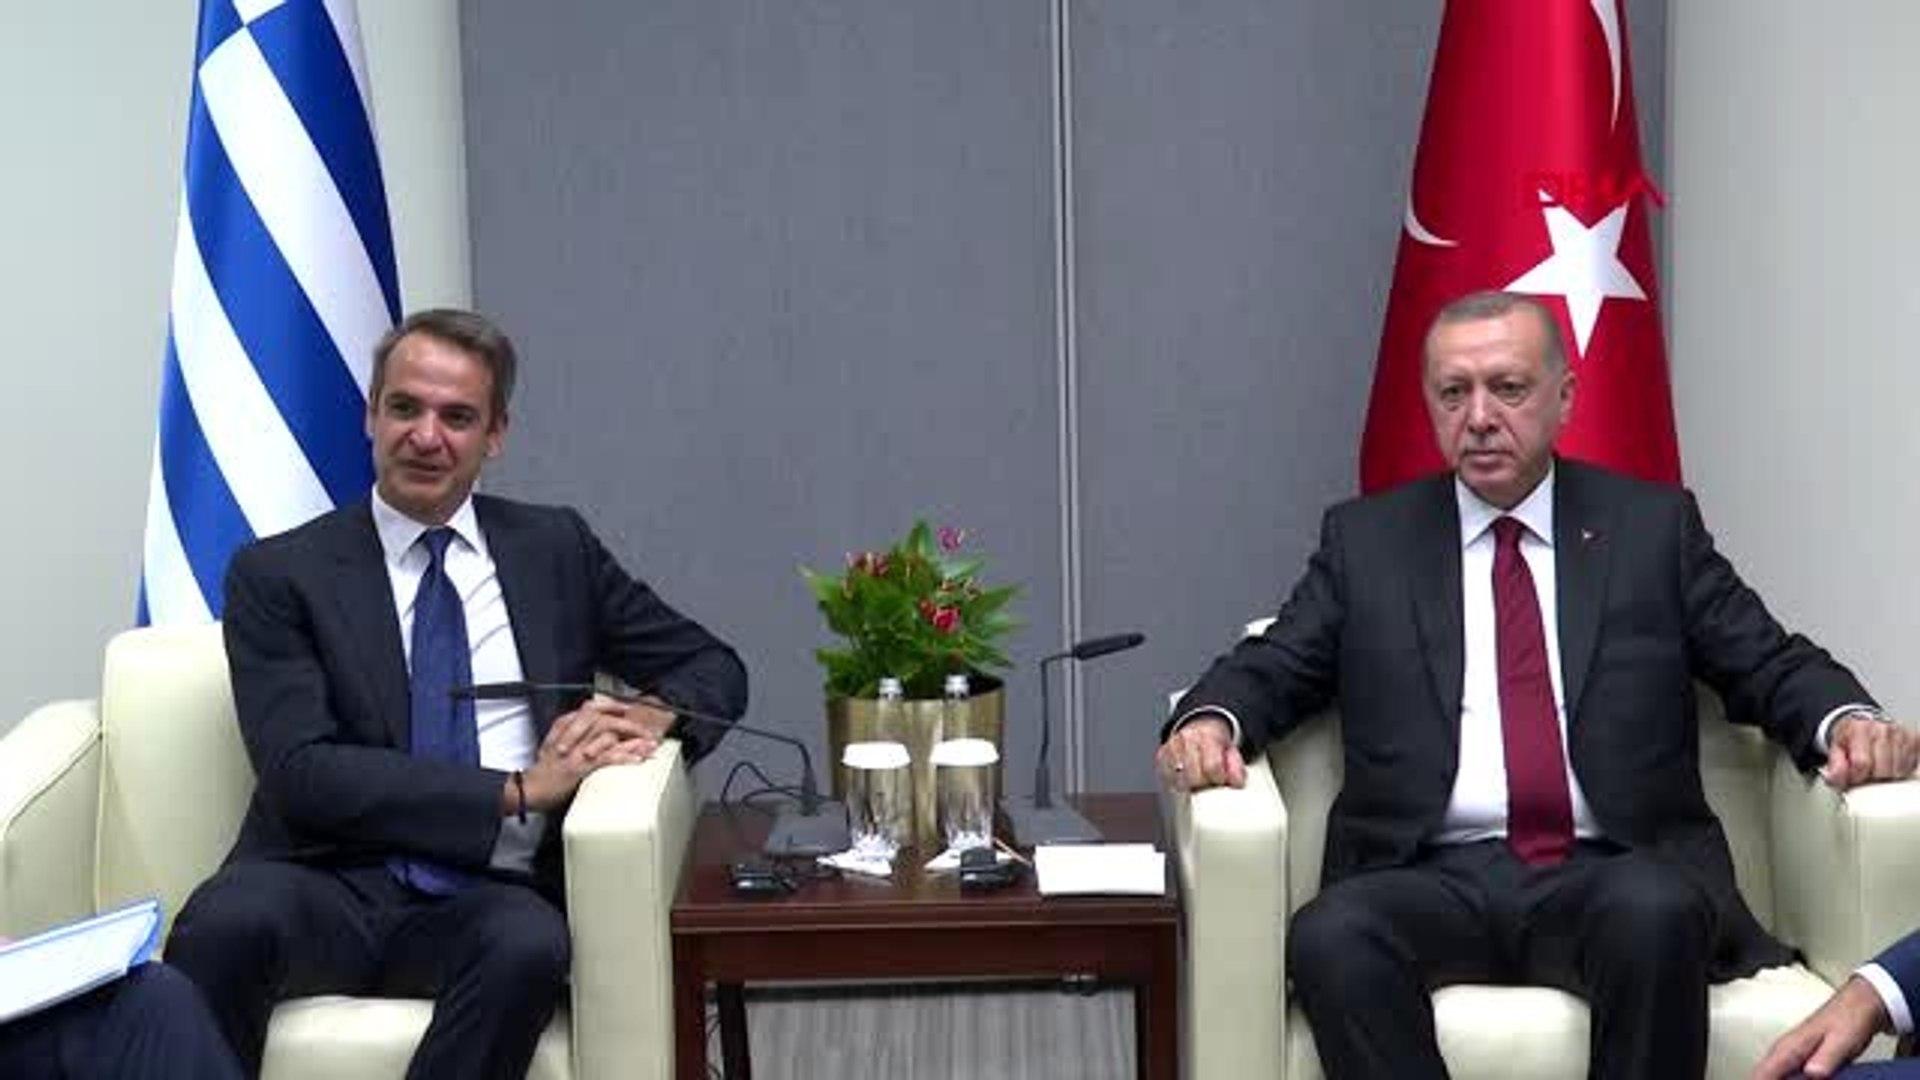 Başbakan Miçotakis, Cumhurbaşkanı Erdoğan ile görüştü